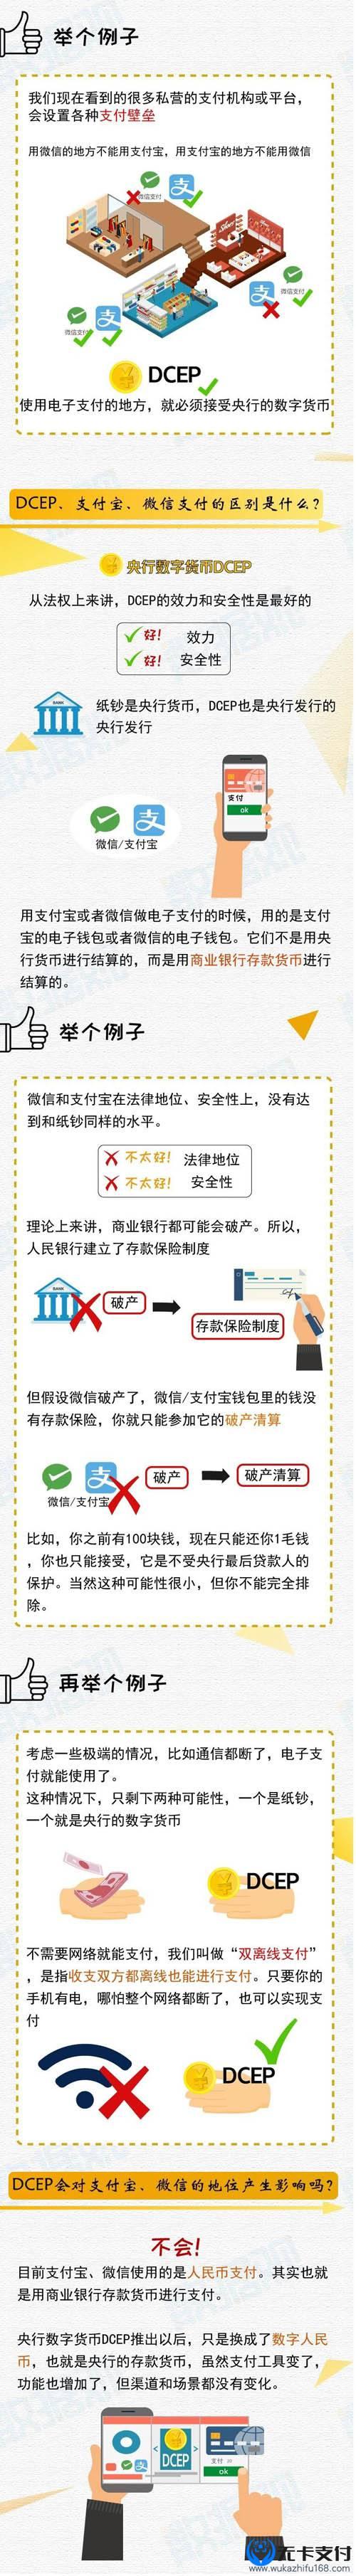 什么是数字人民币?图解数字货币和传统纸币的区别!(图3)